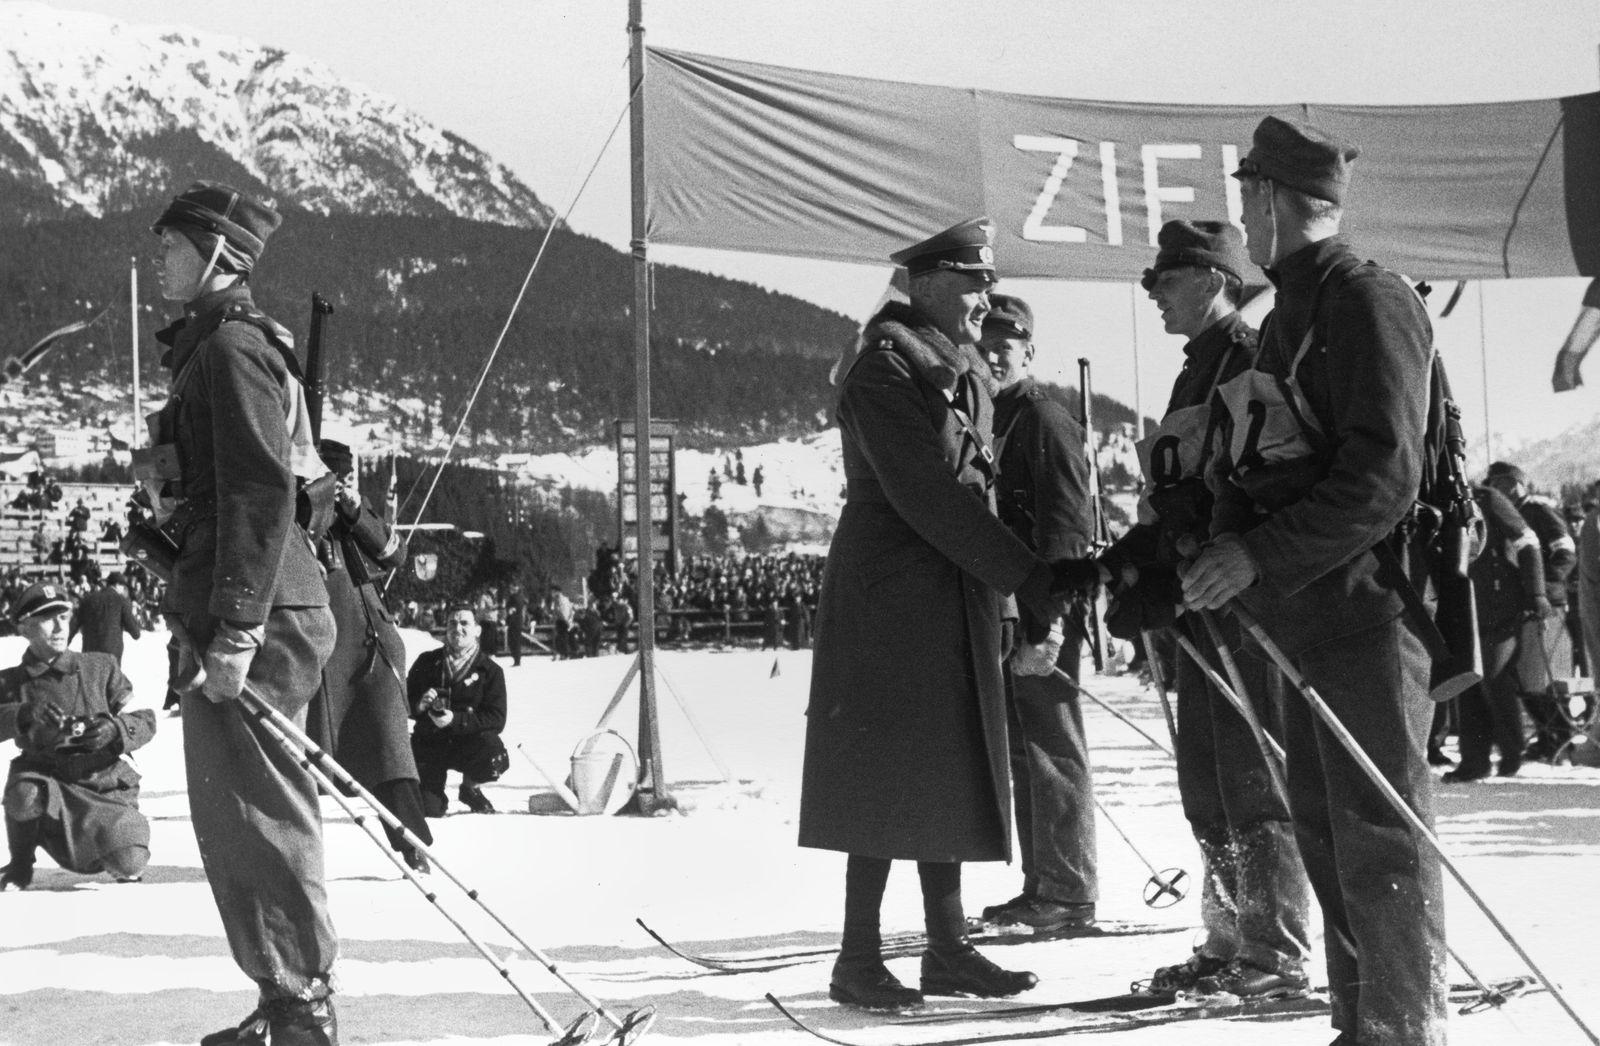 Olympische Winterspiele 1936: Vorführungswettbewerb Militär-Ski-Patrouille